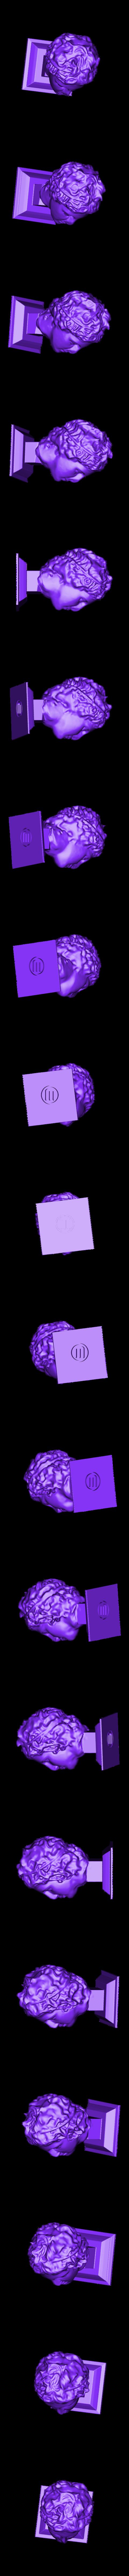 Roman.stl Télécharger fichier STL gratuit Romain • Design imprimable en 3D, RaymondDeLuca